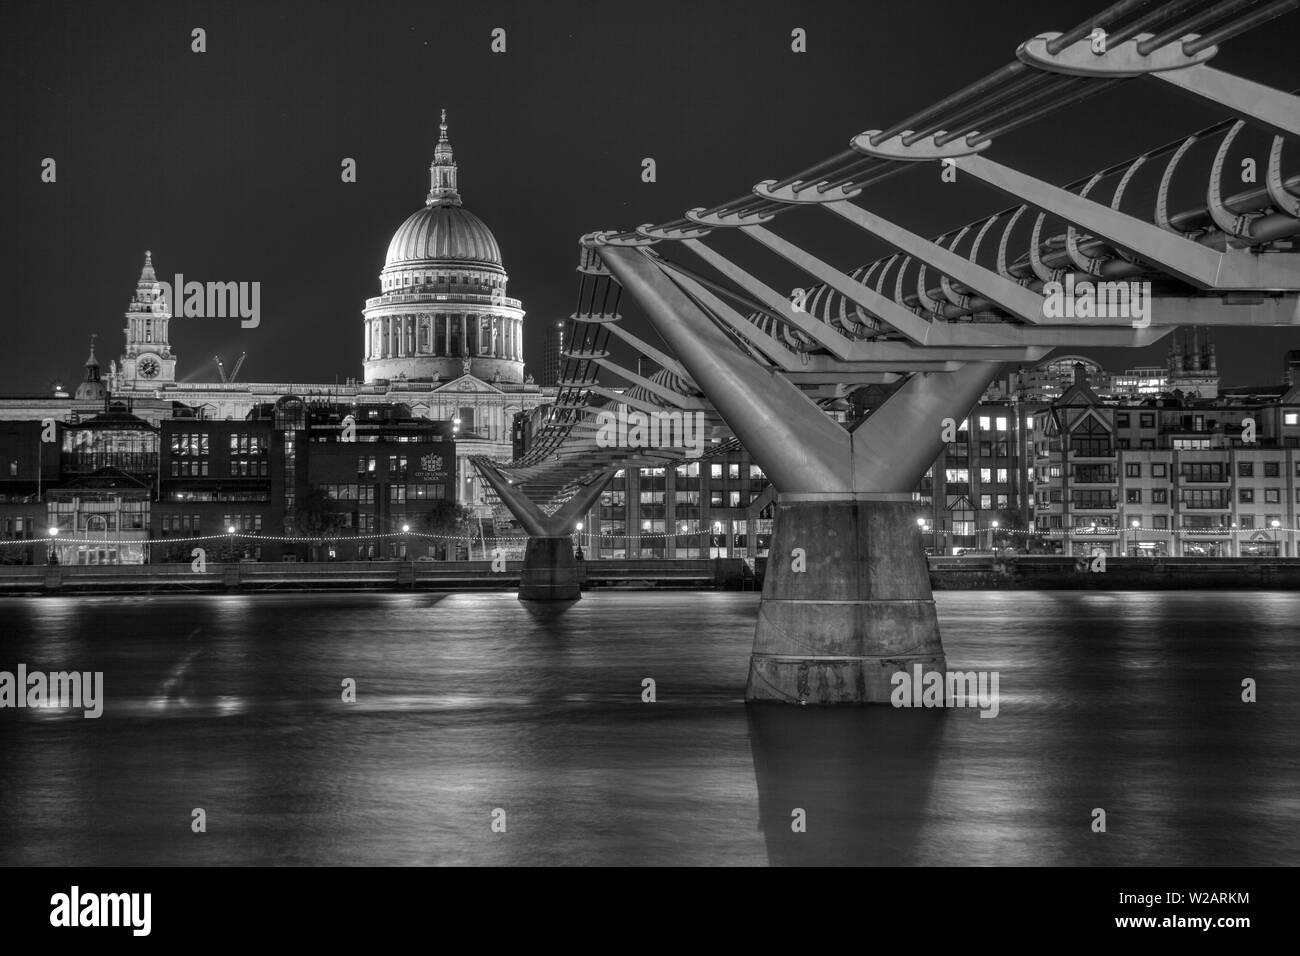 Le Millennium Bridge à la Cathédrale St Paul, la nuit, une longue exposition. Banque D'Images